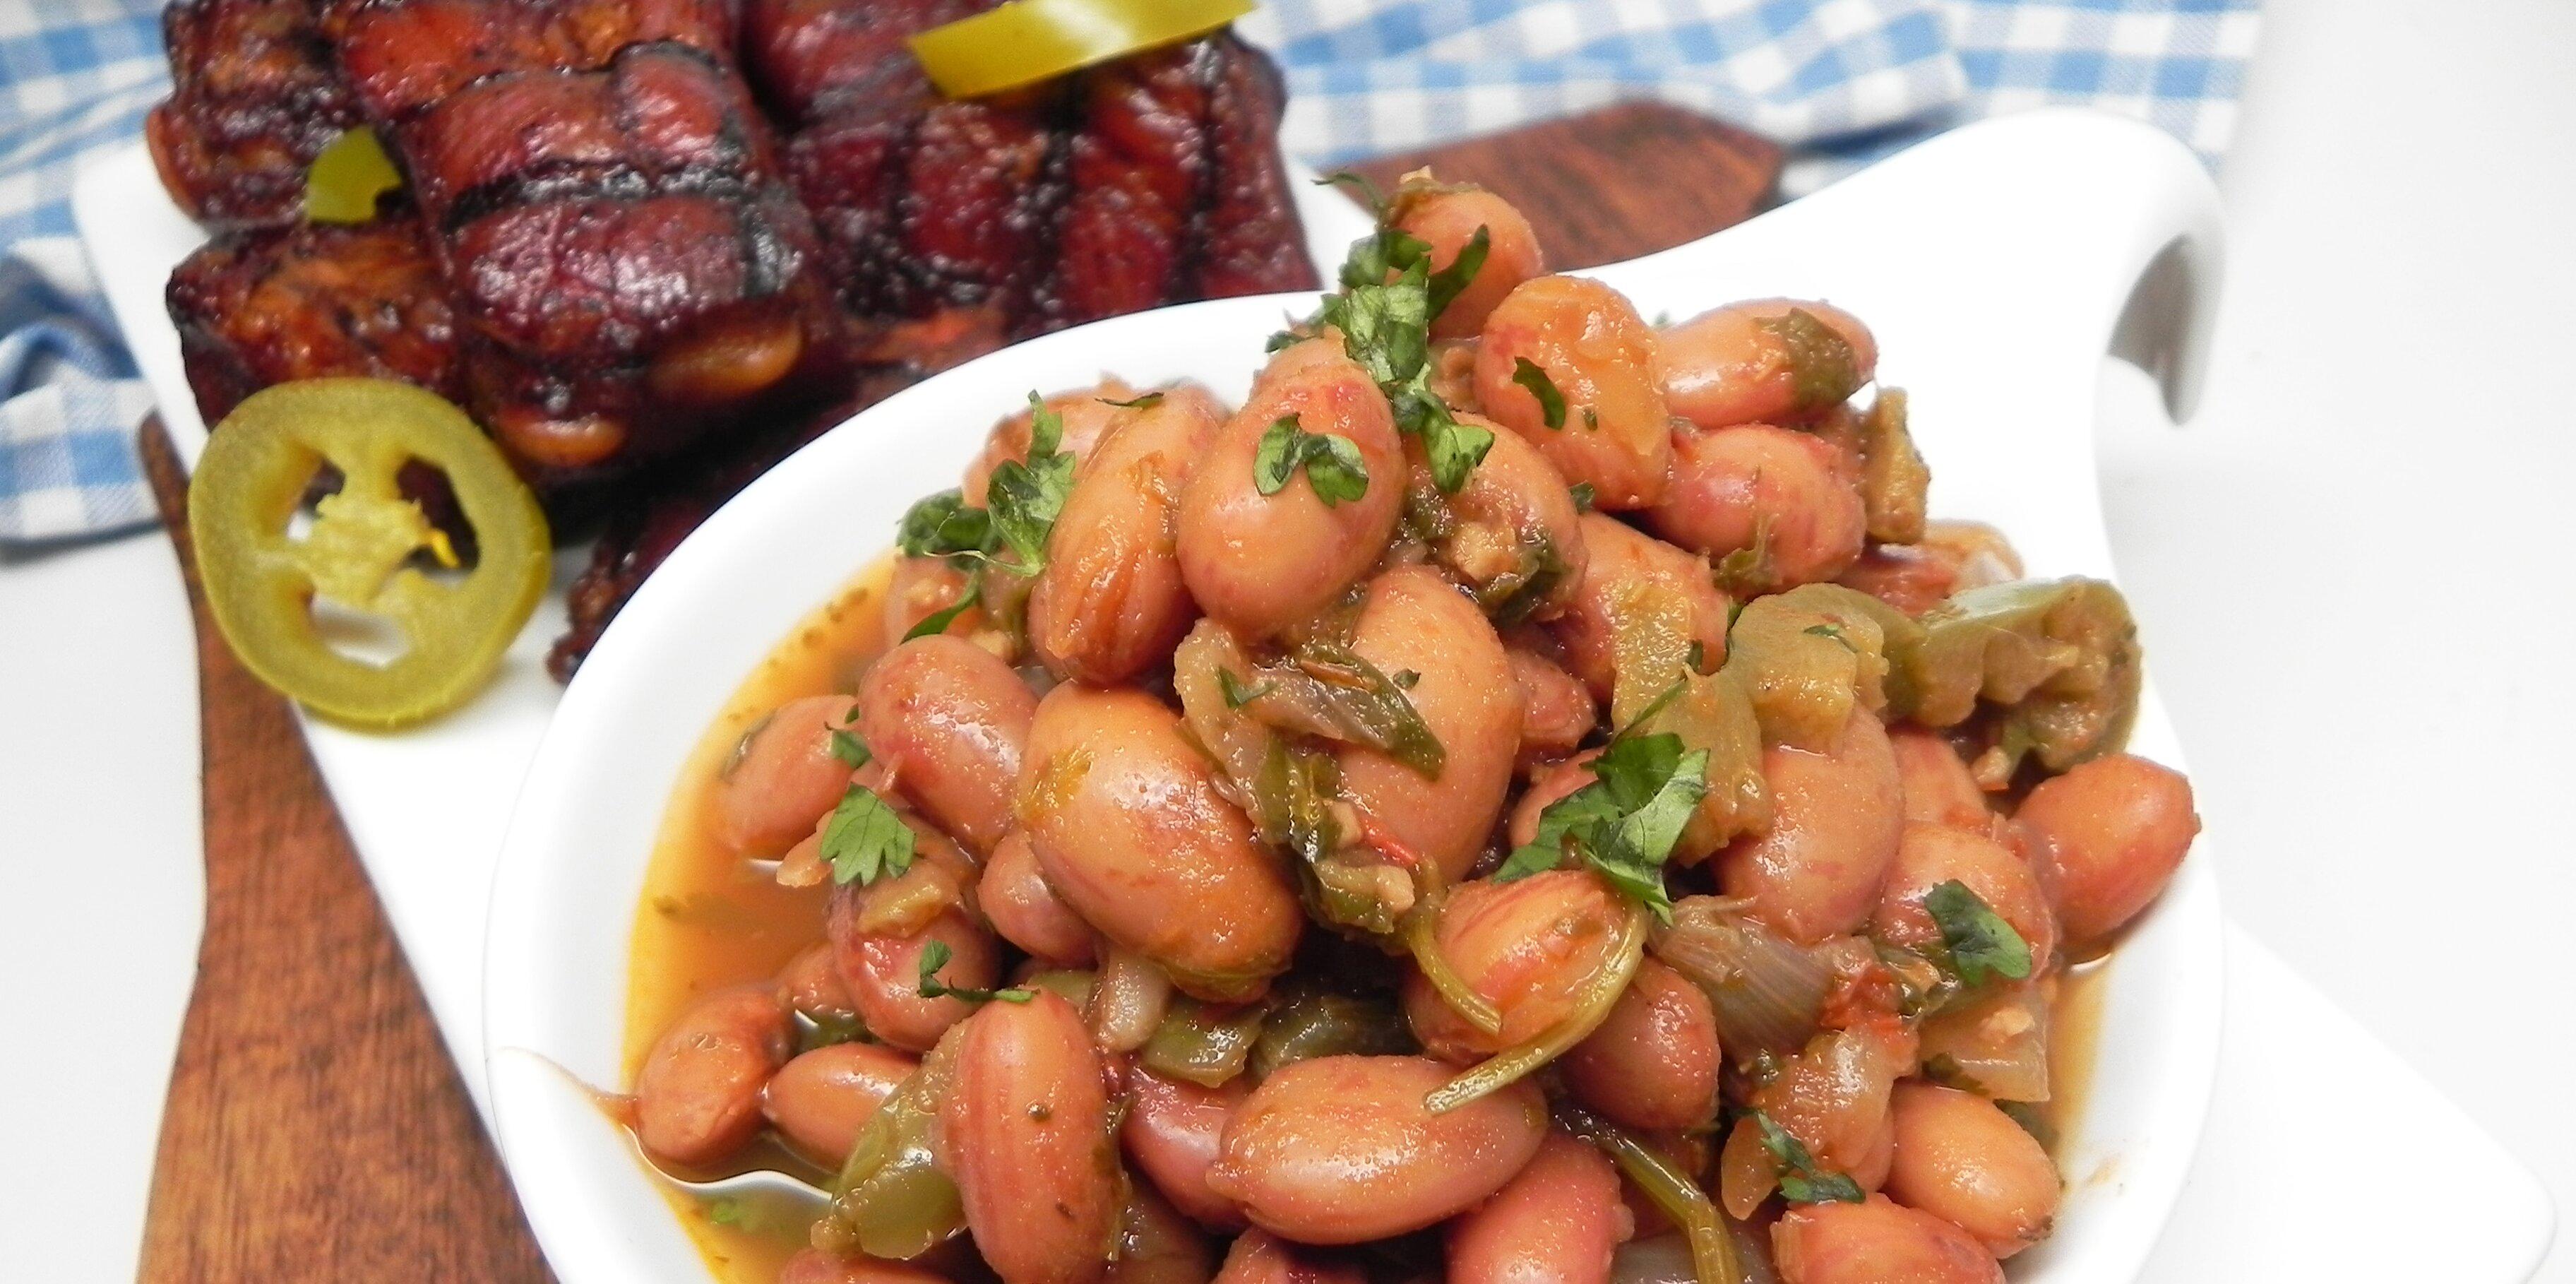 instant pot borracho cranberry beans recipe